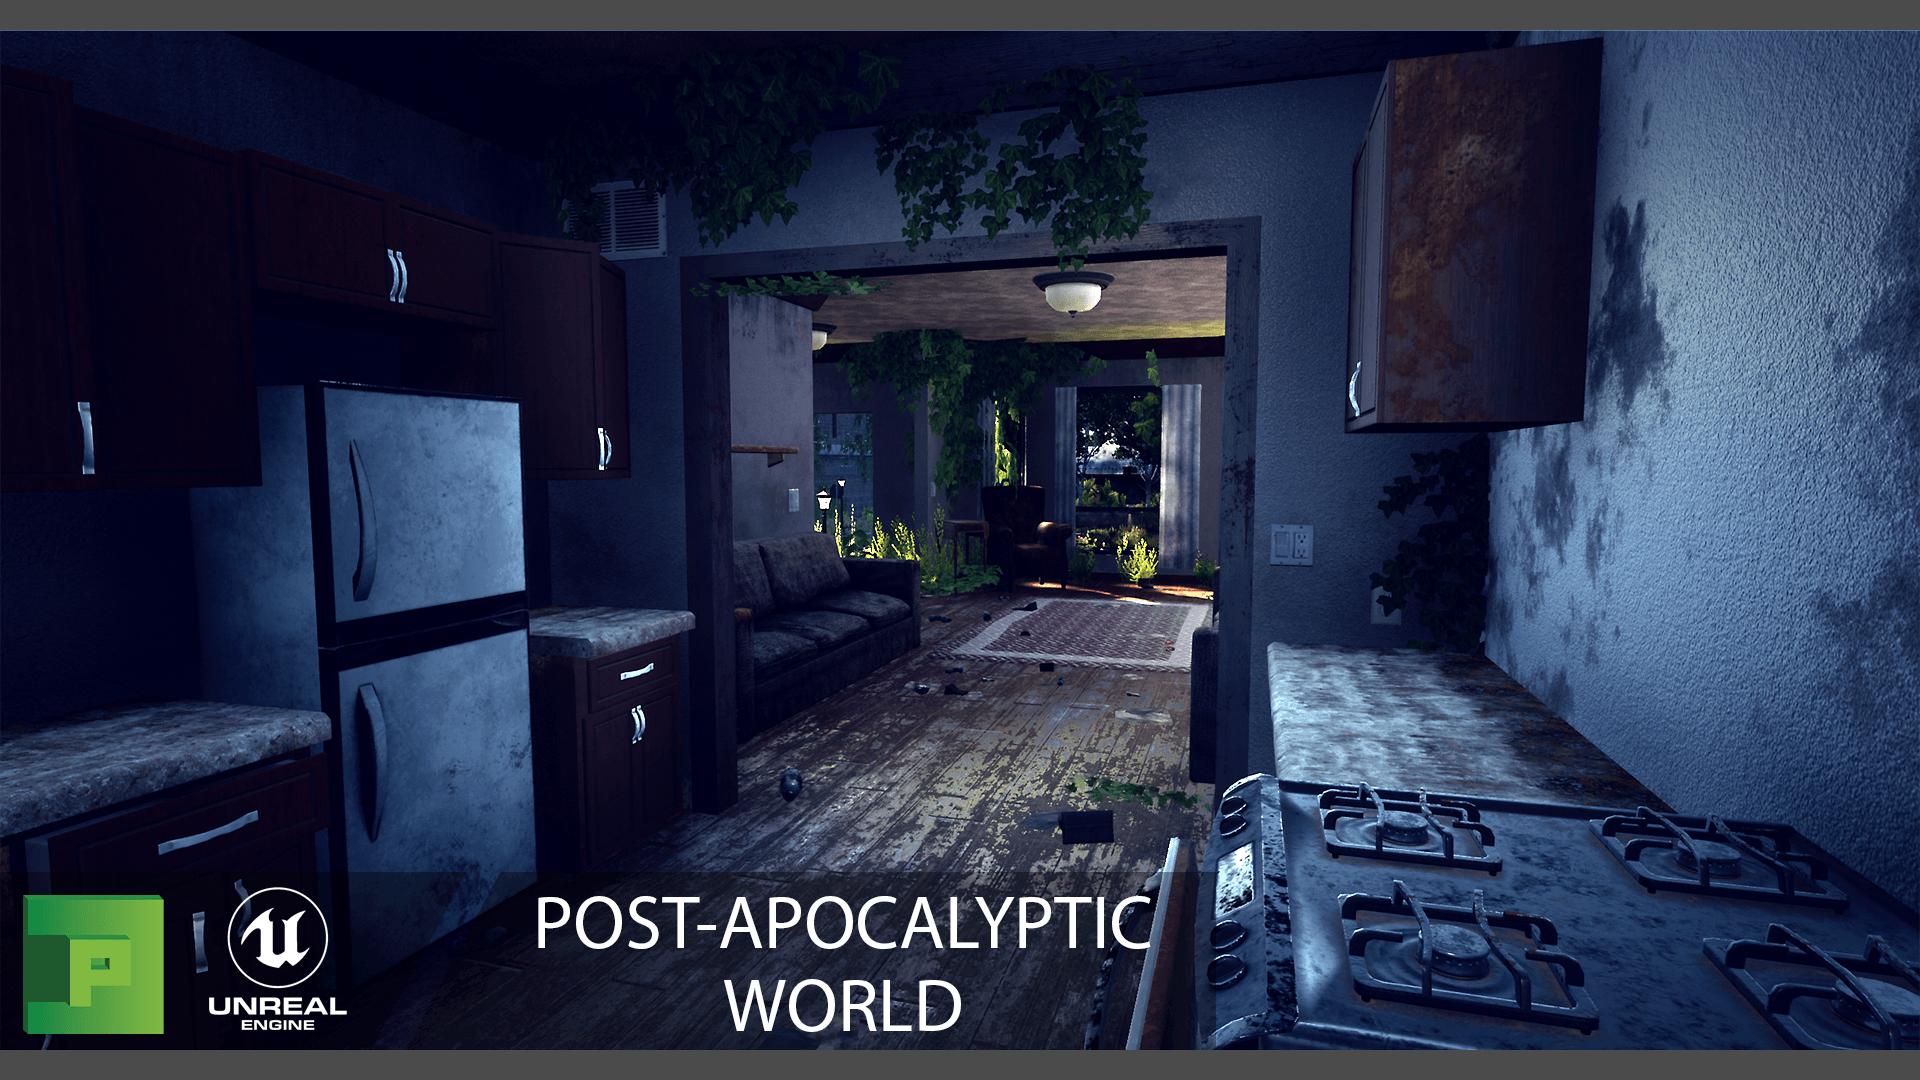 PostApocalypticWorld_04